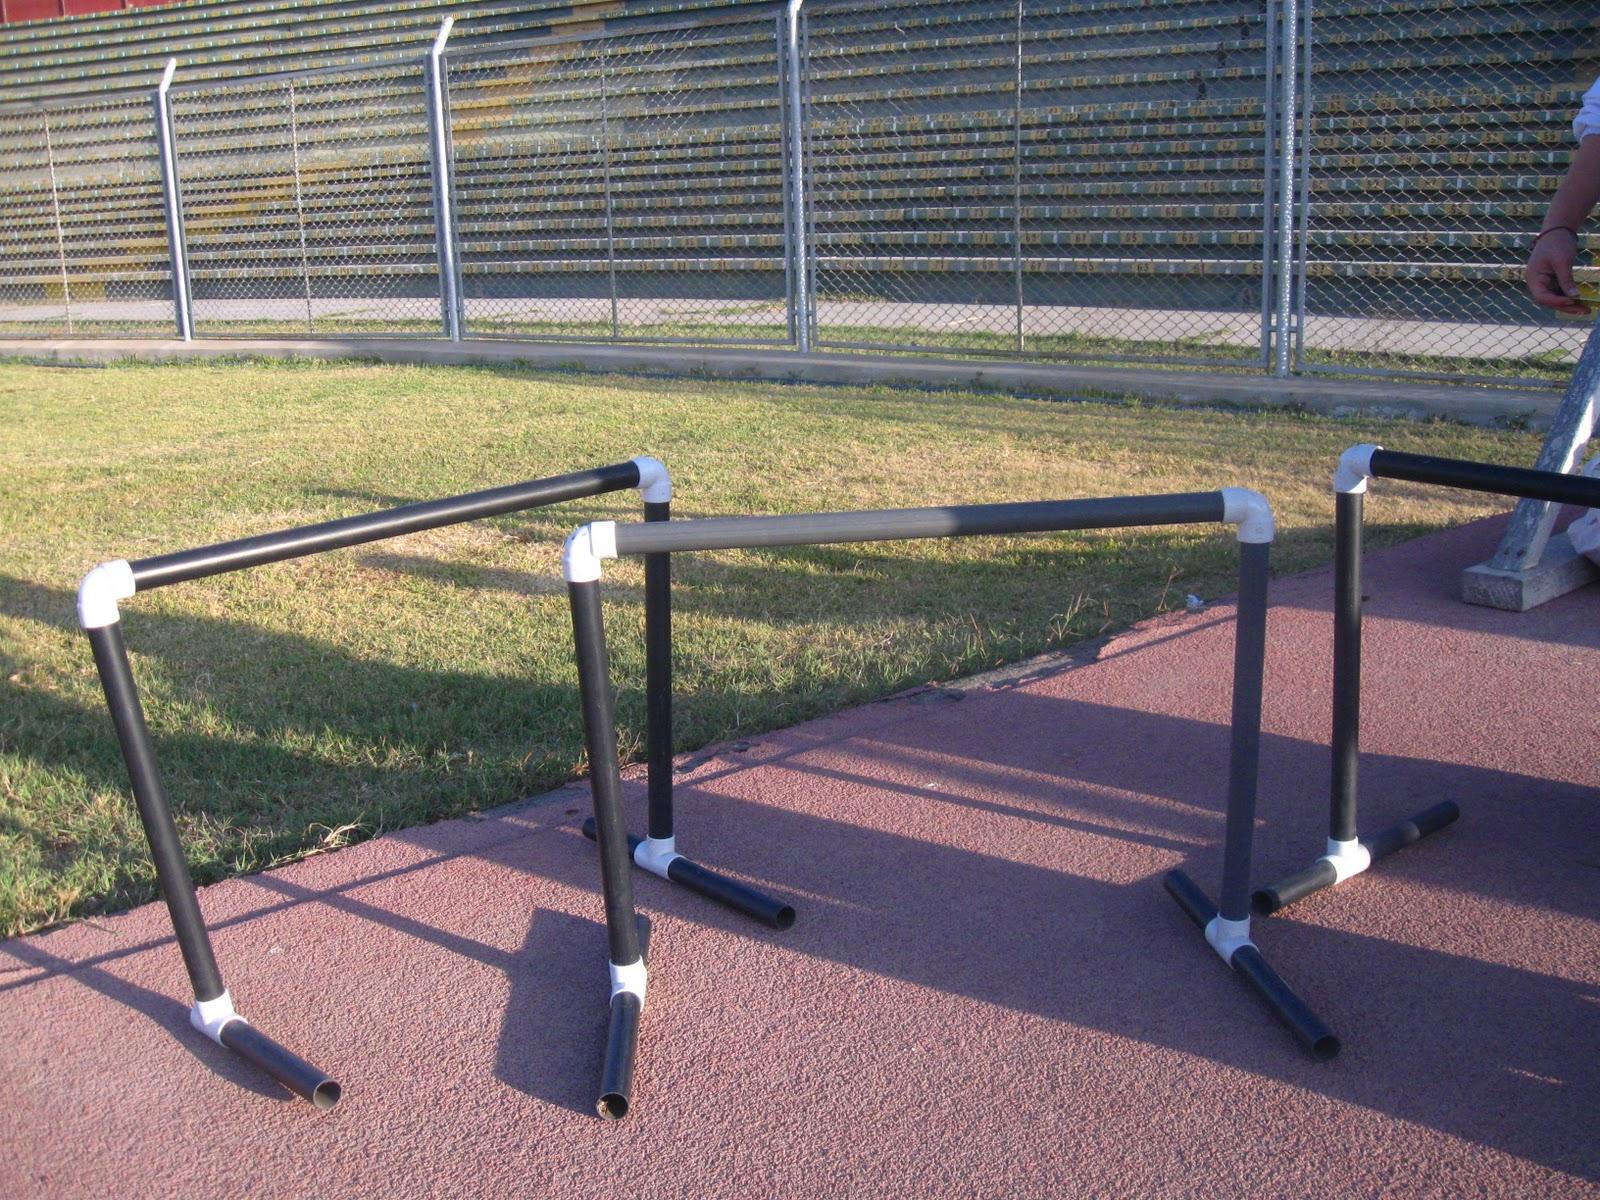 Construcci n de materiales deportivos con productos for Vallas de pvc